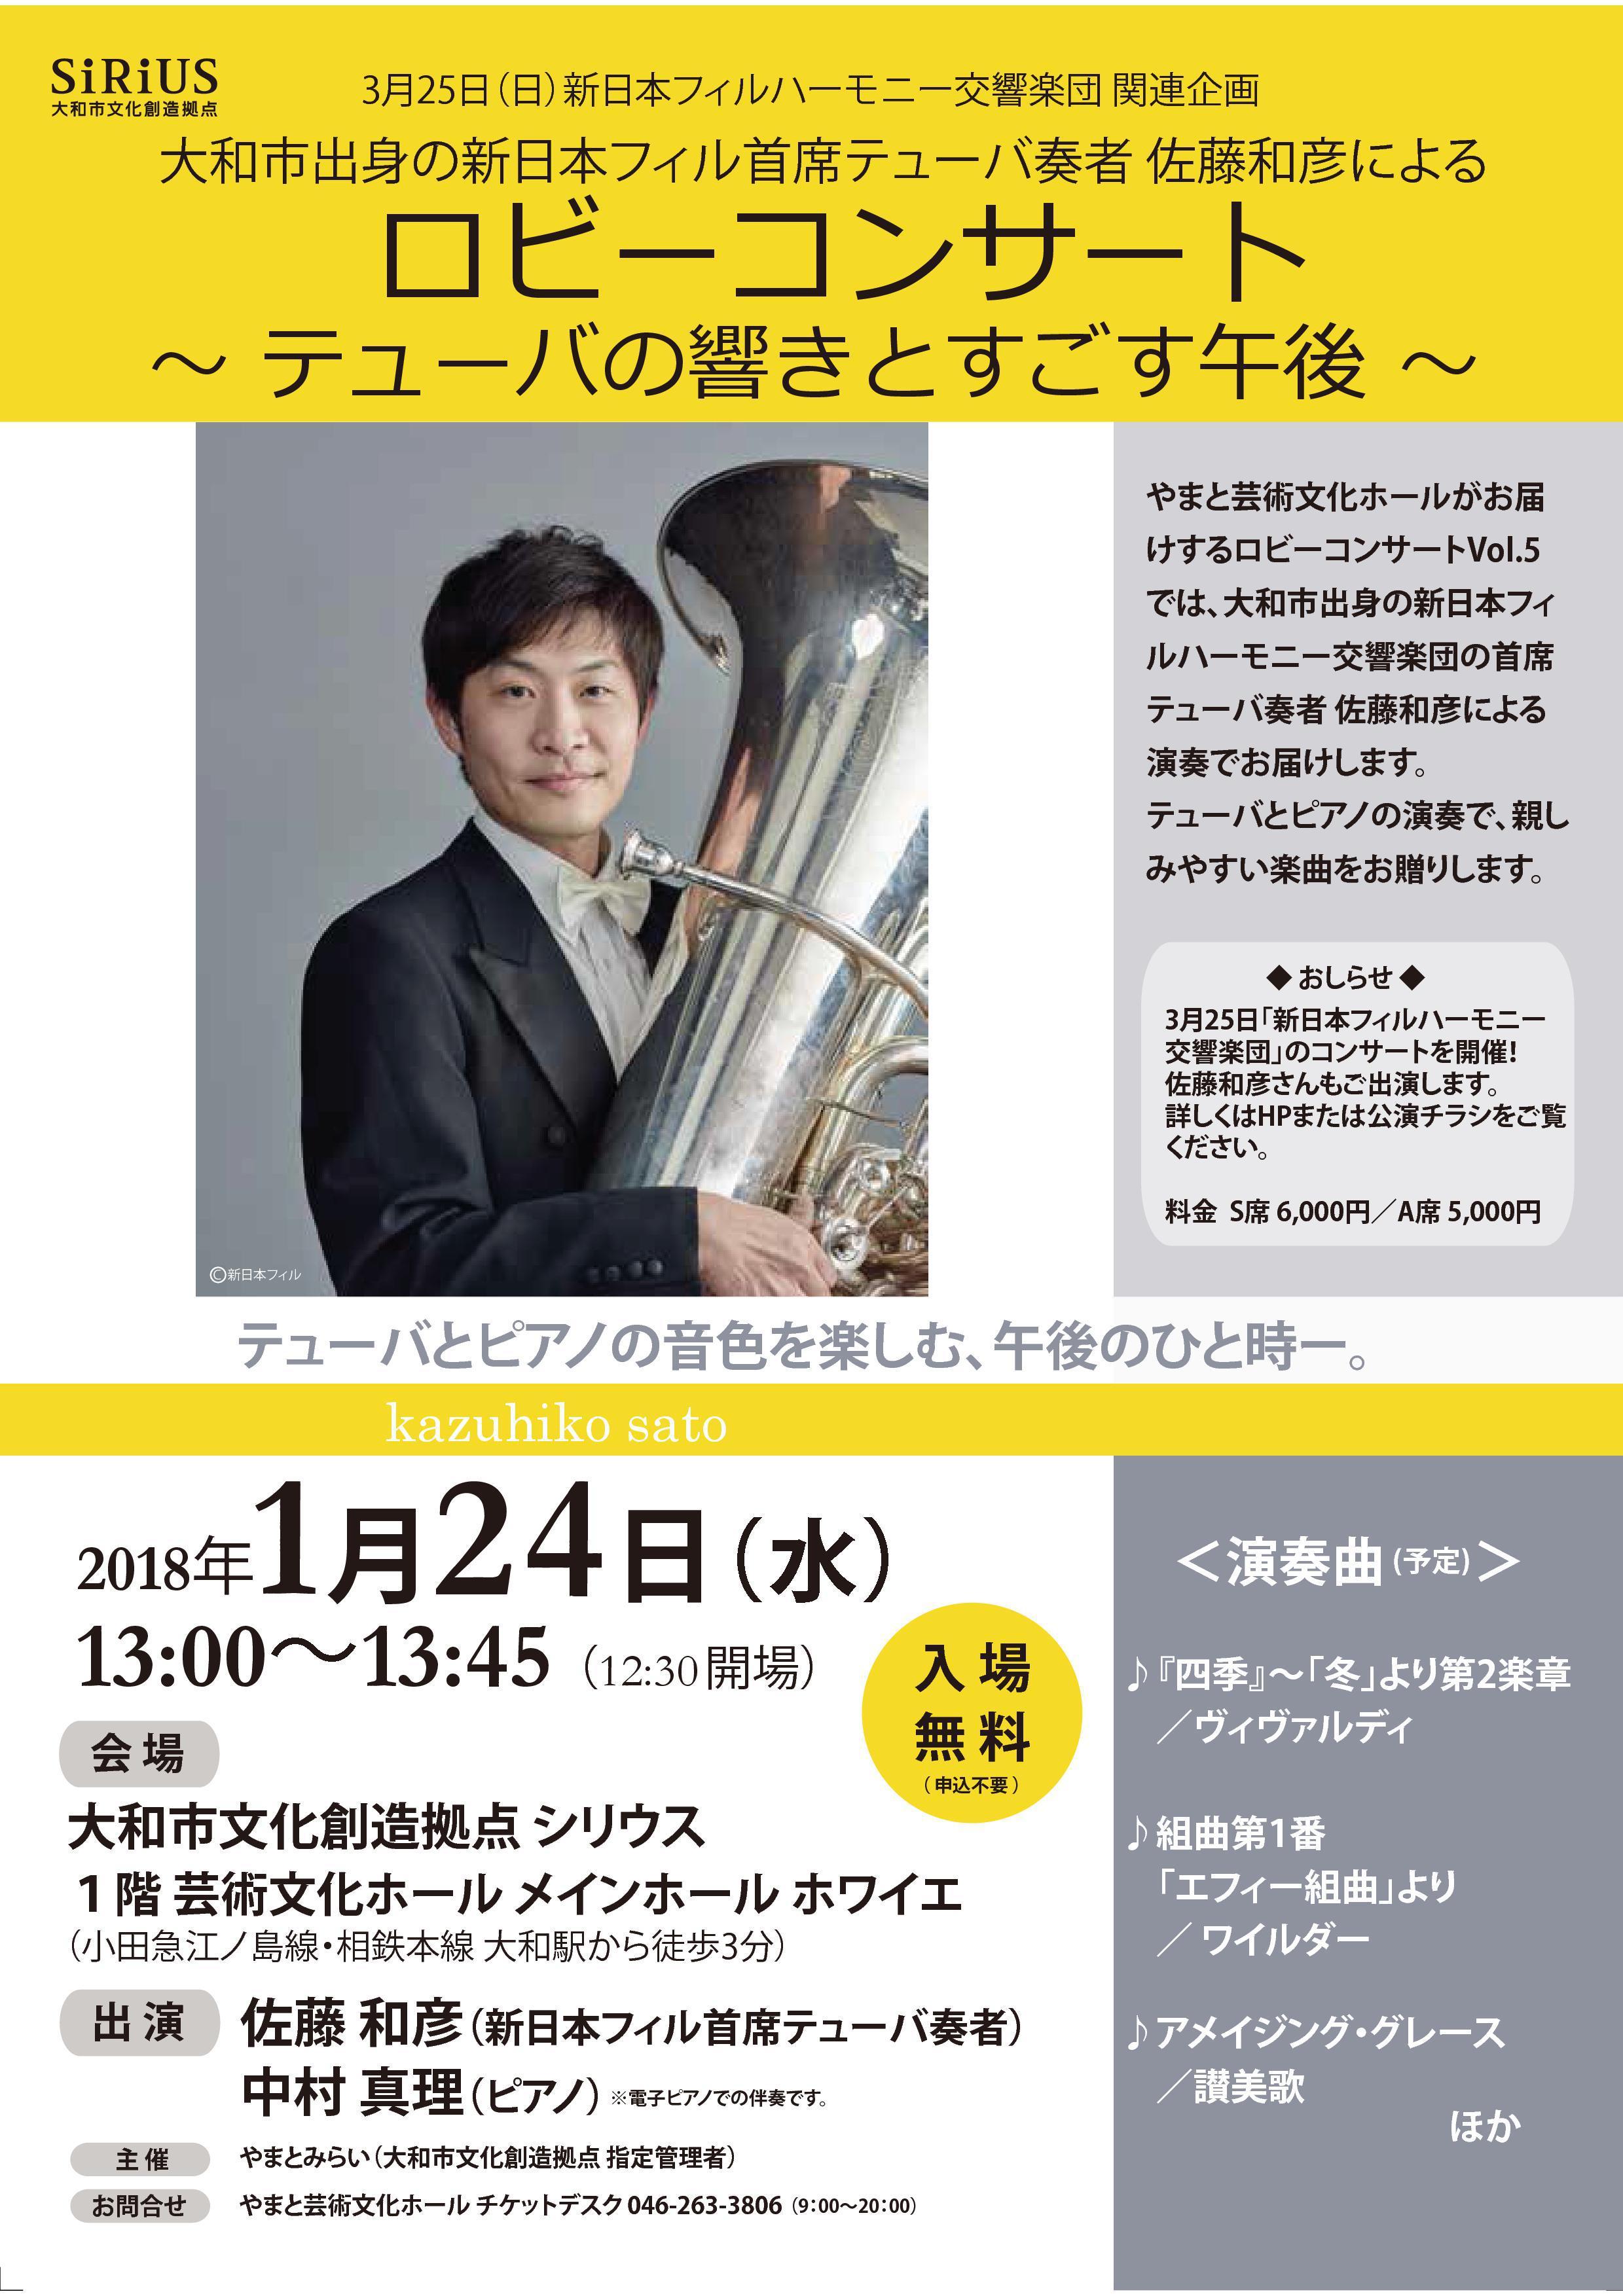 大和市出身の新日本フィル首席テューバ奏者 佐藤和彦による ロビーコンサート ~テューバの響きとすごす午後~